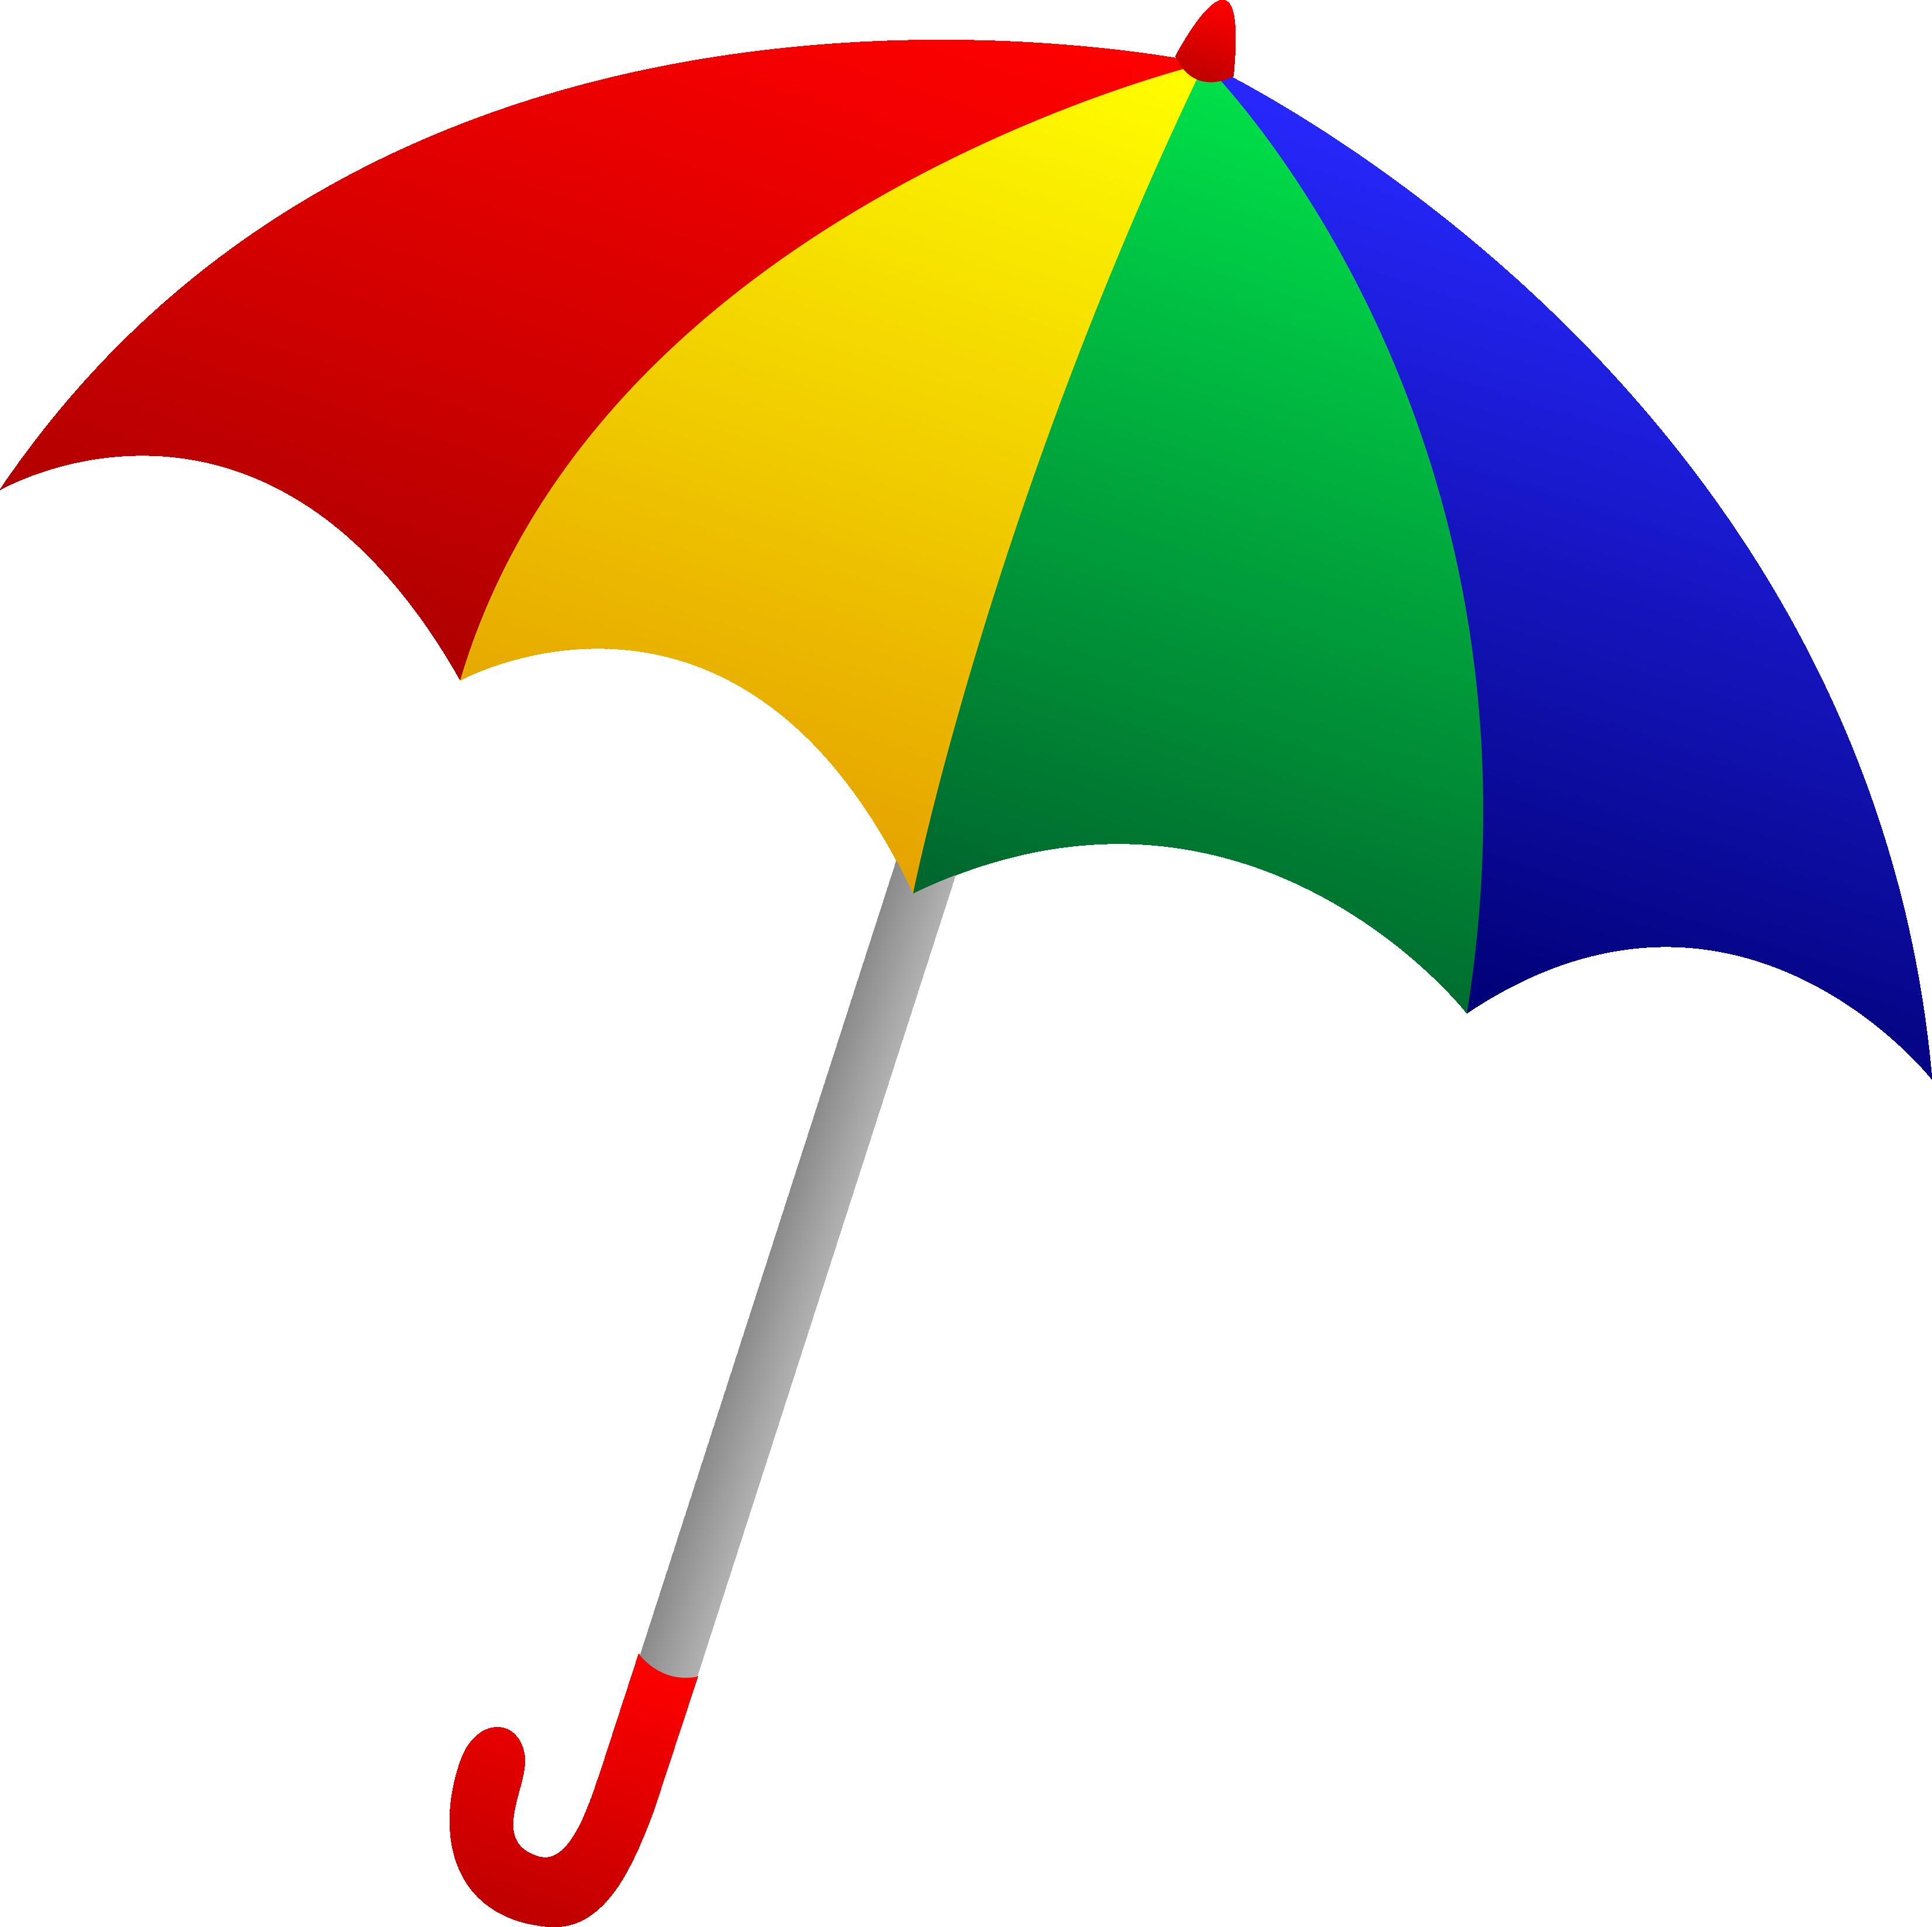 Sun umbrella clipart svg Fotos Umbrella - Imagens Umbrella - ClickGrátis | Rainy Days | Pinterest svg